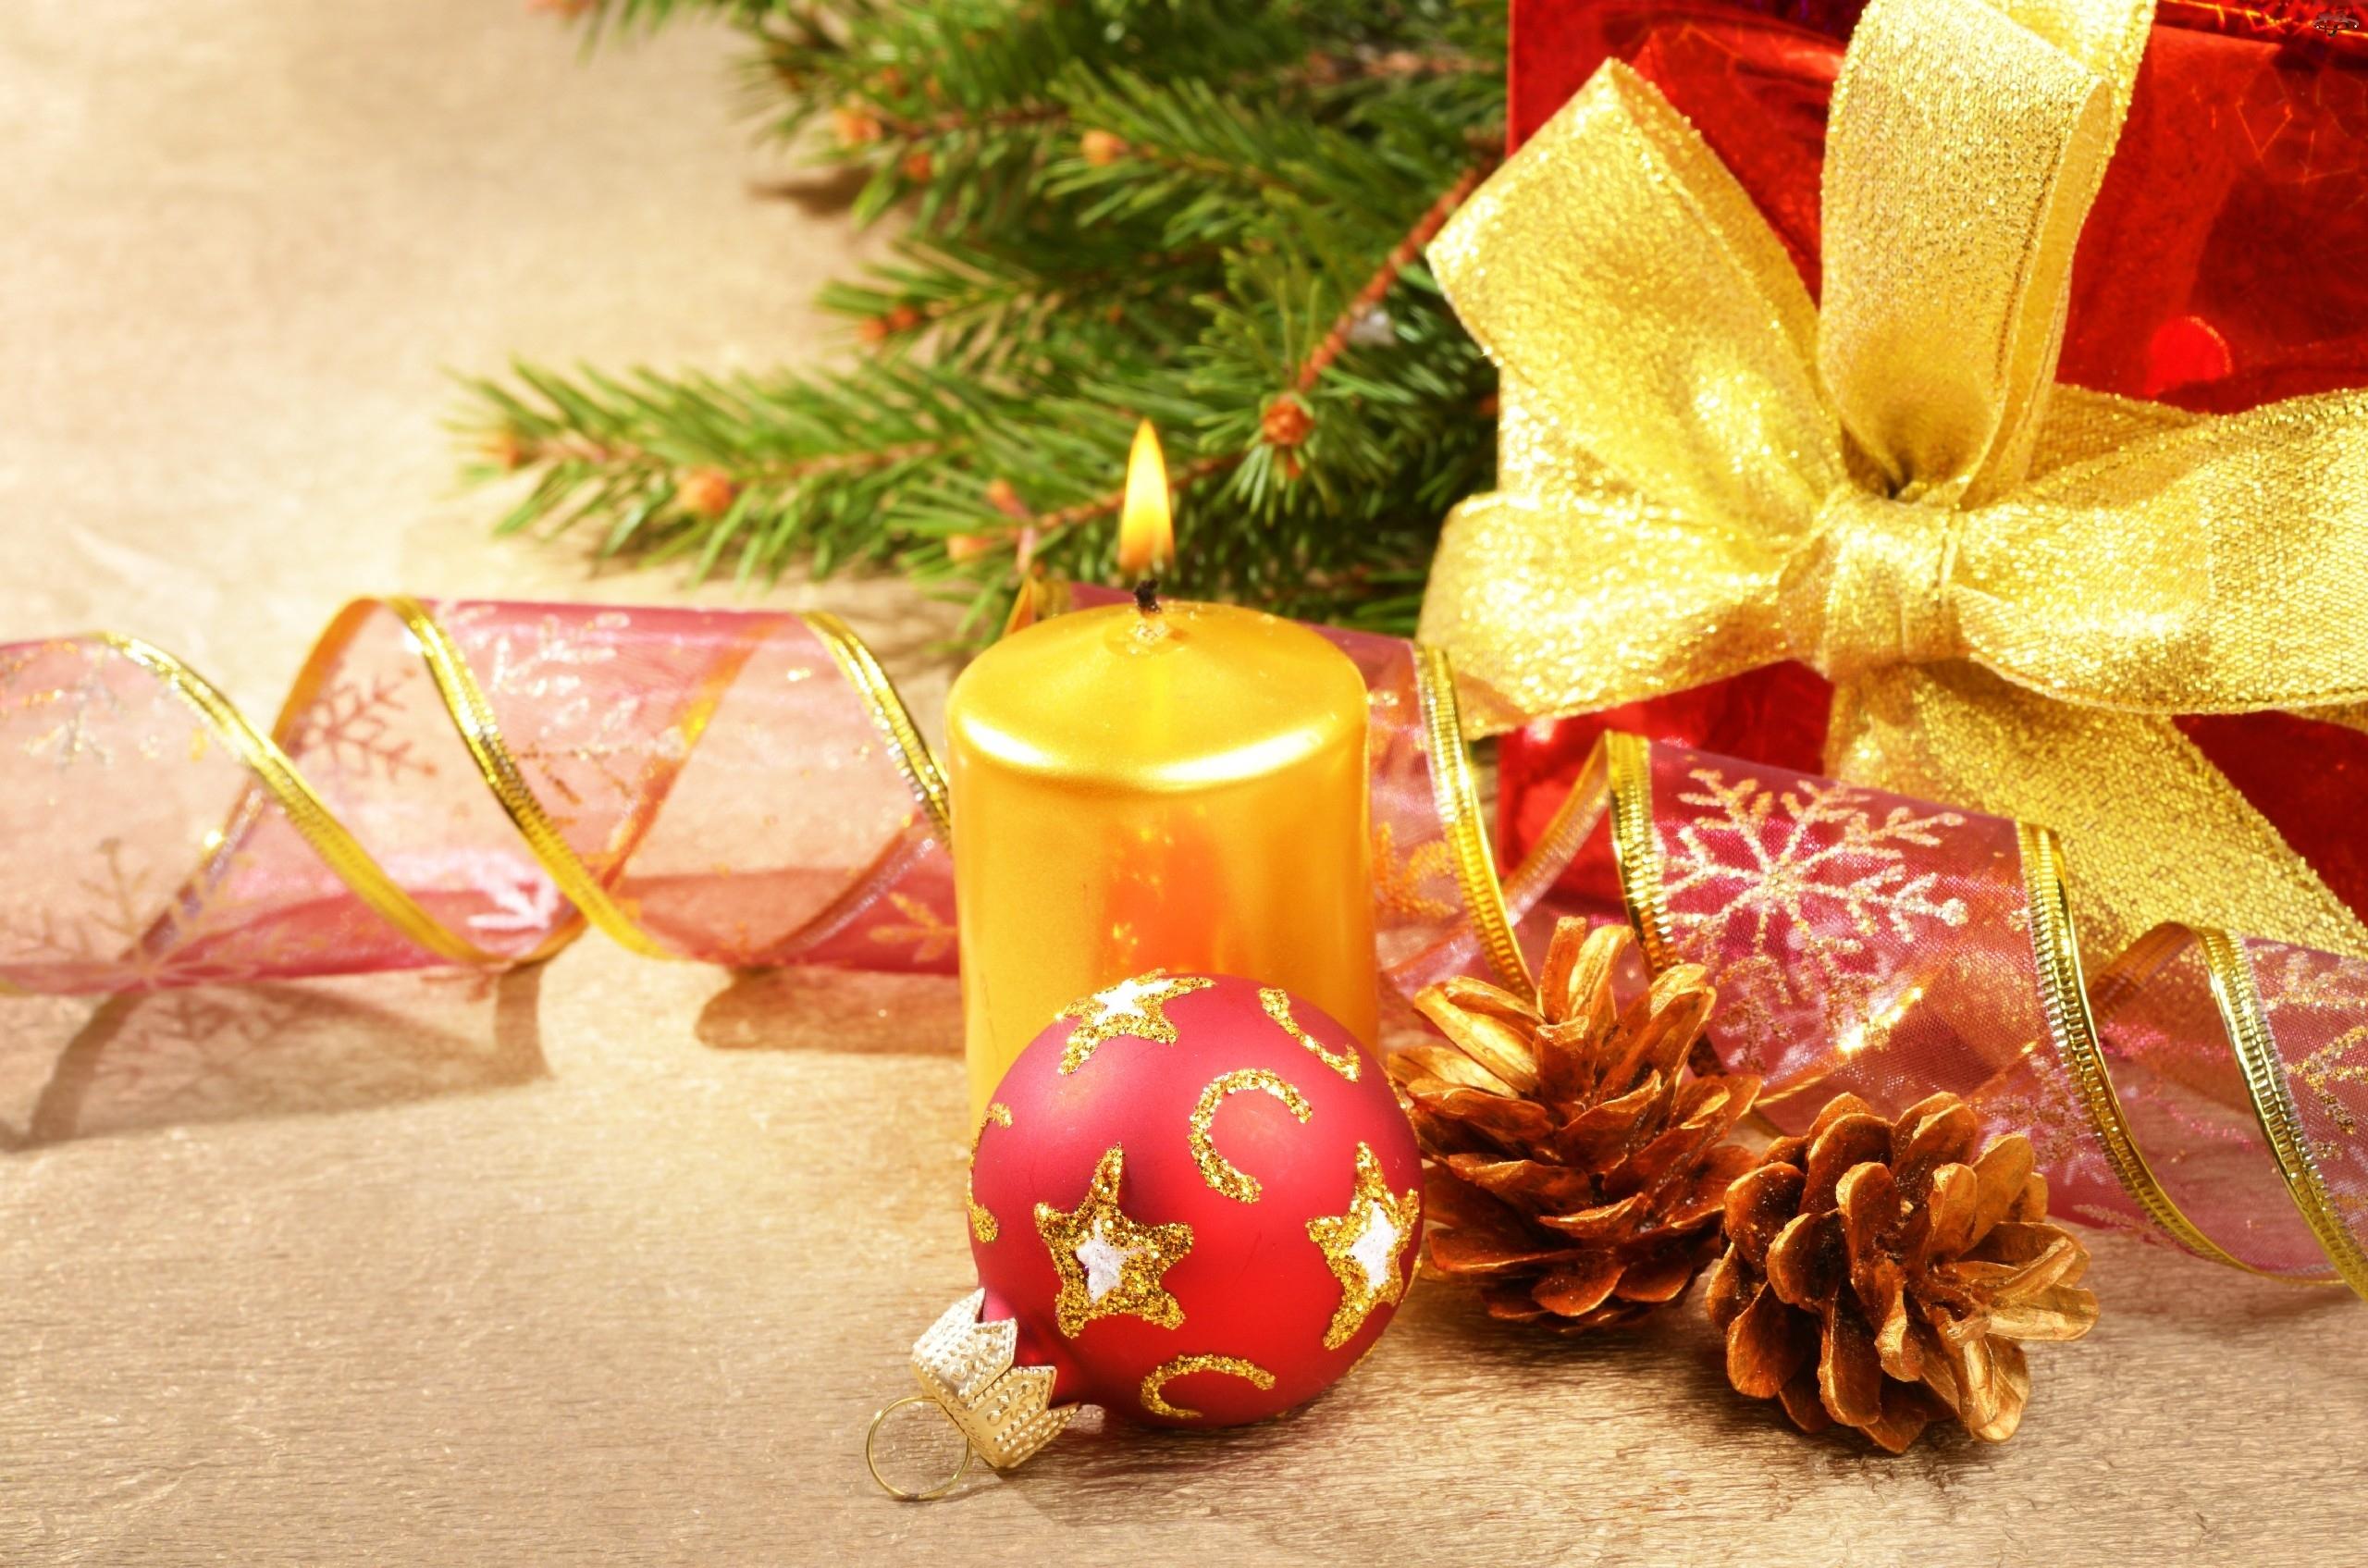 Kompozycja, Świeczka, Stroik, Wstążki, Boże Narodzenie